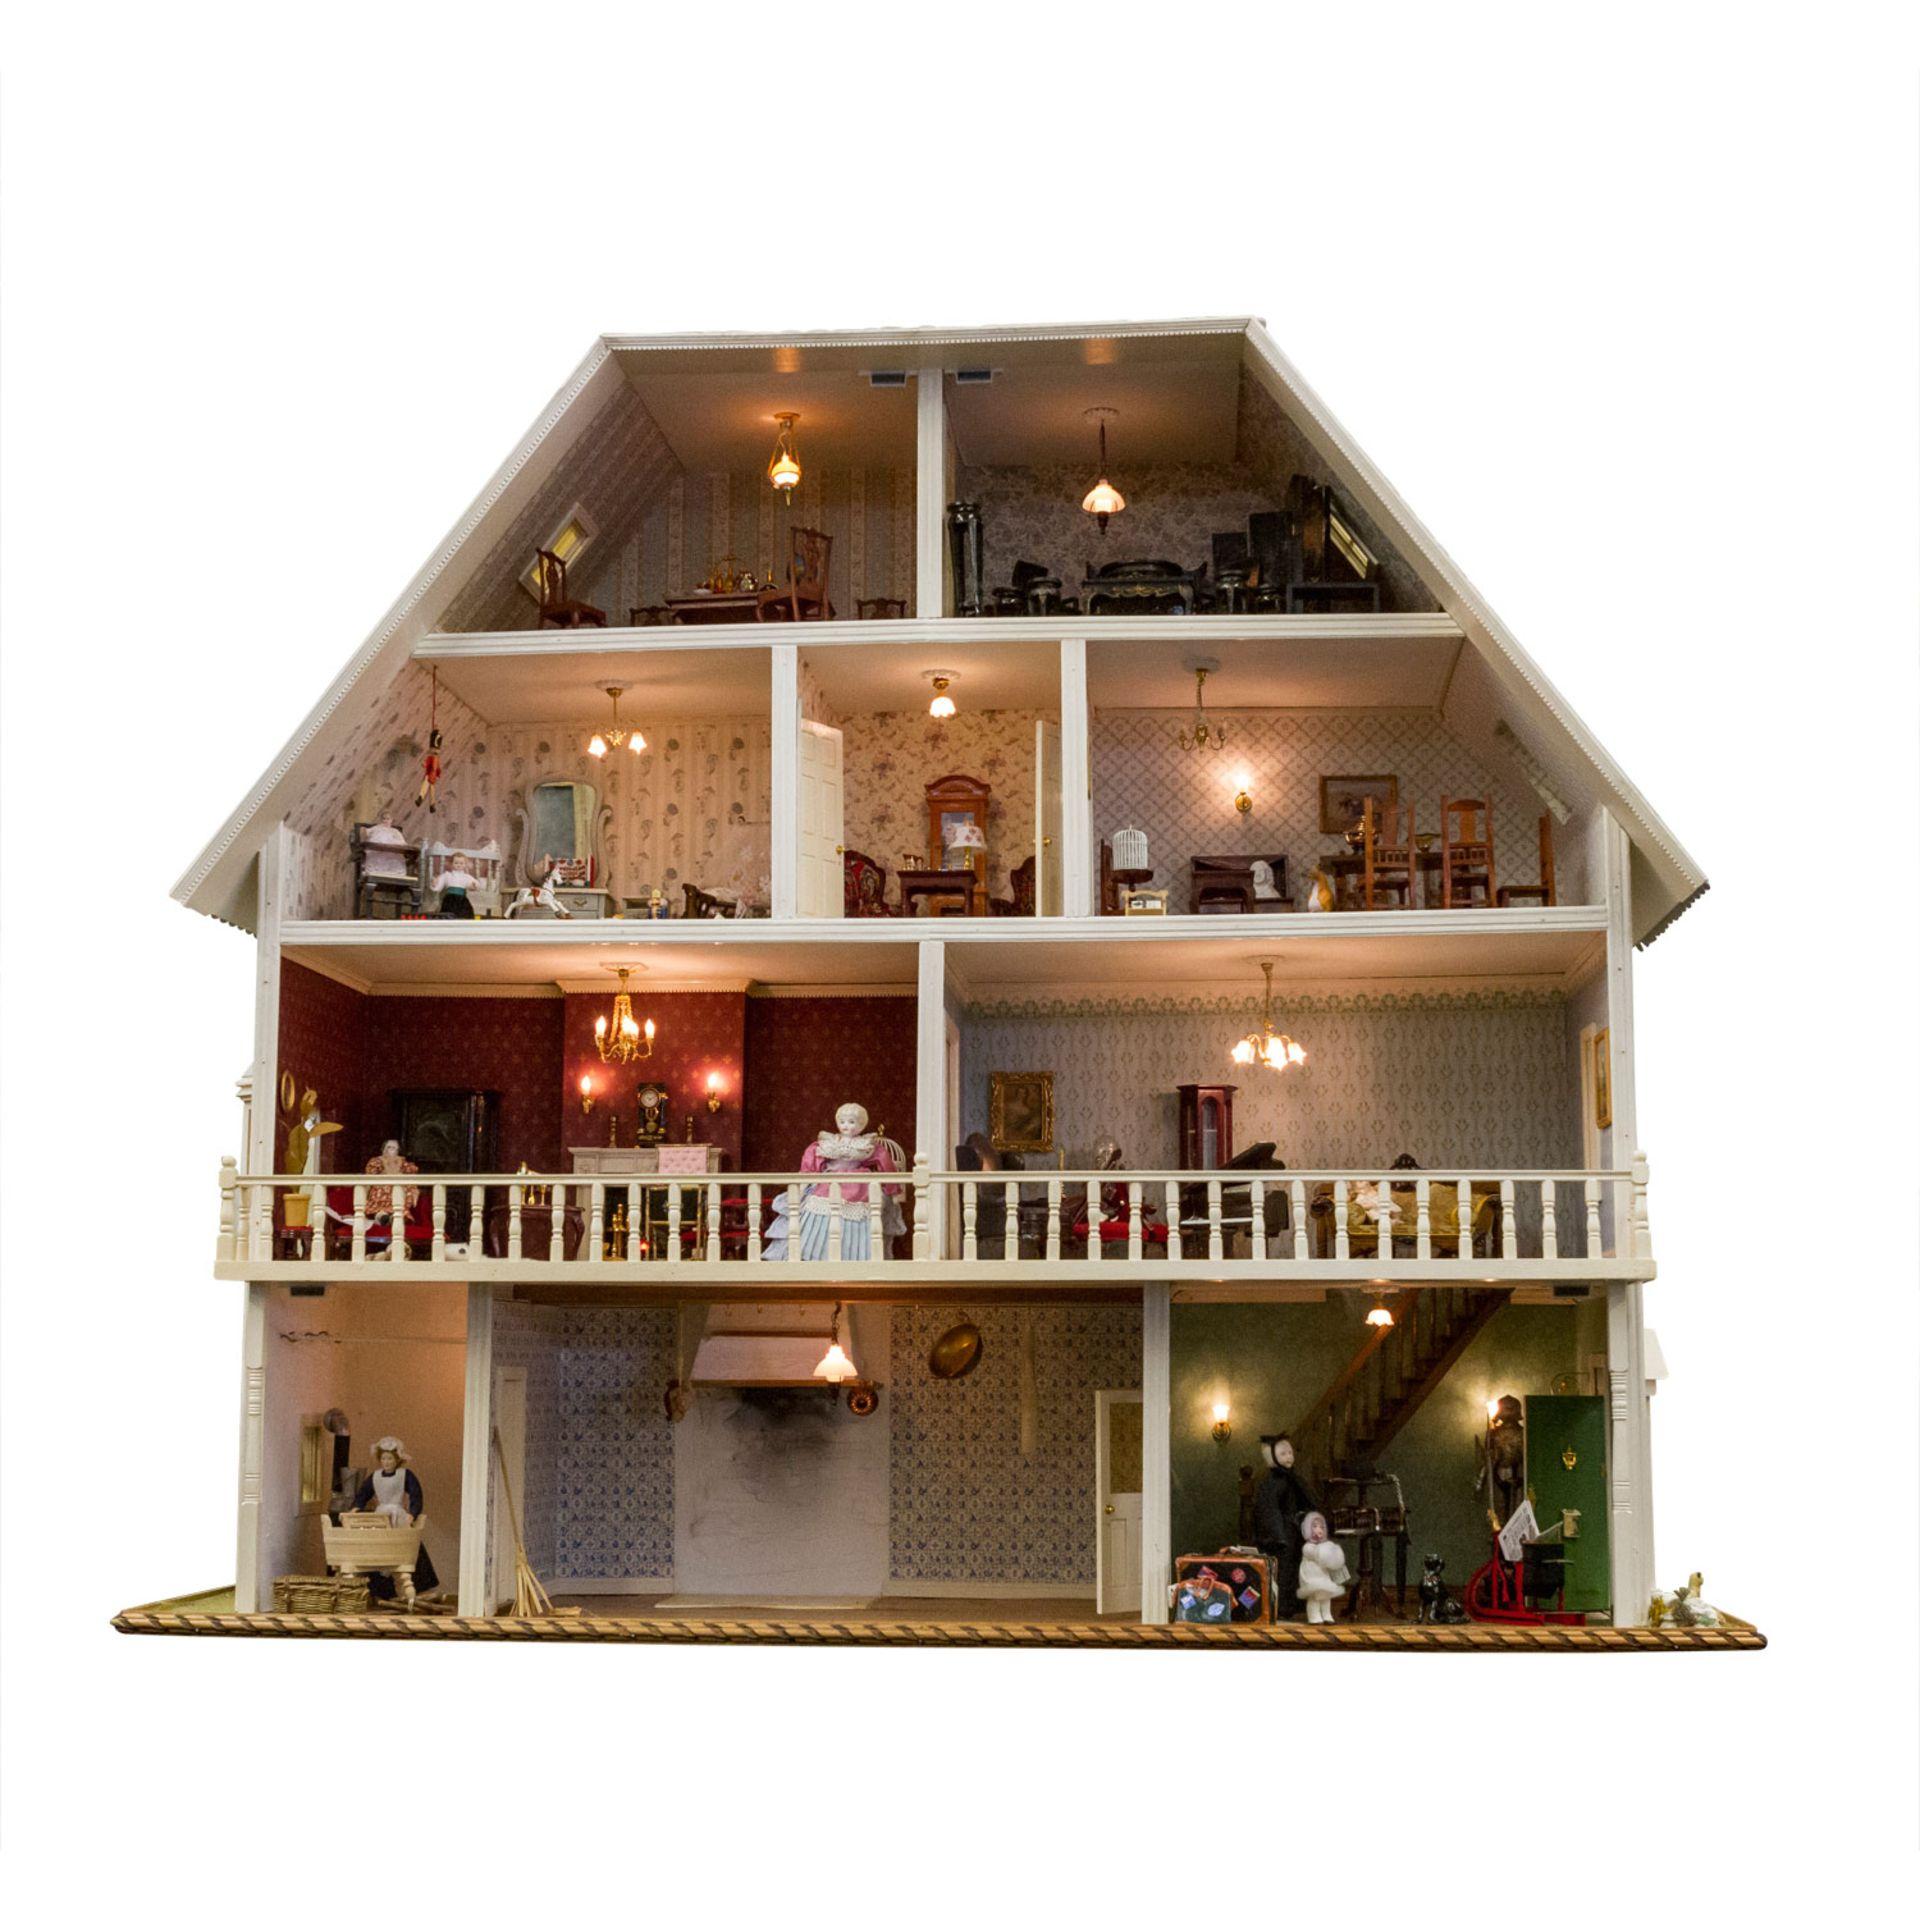 Großes Puppenhaus, 20 Jh.